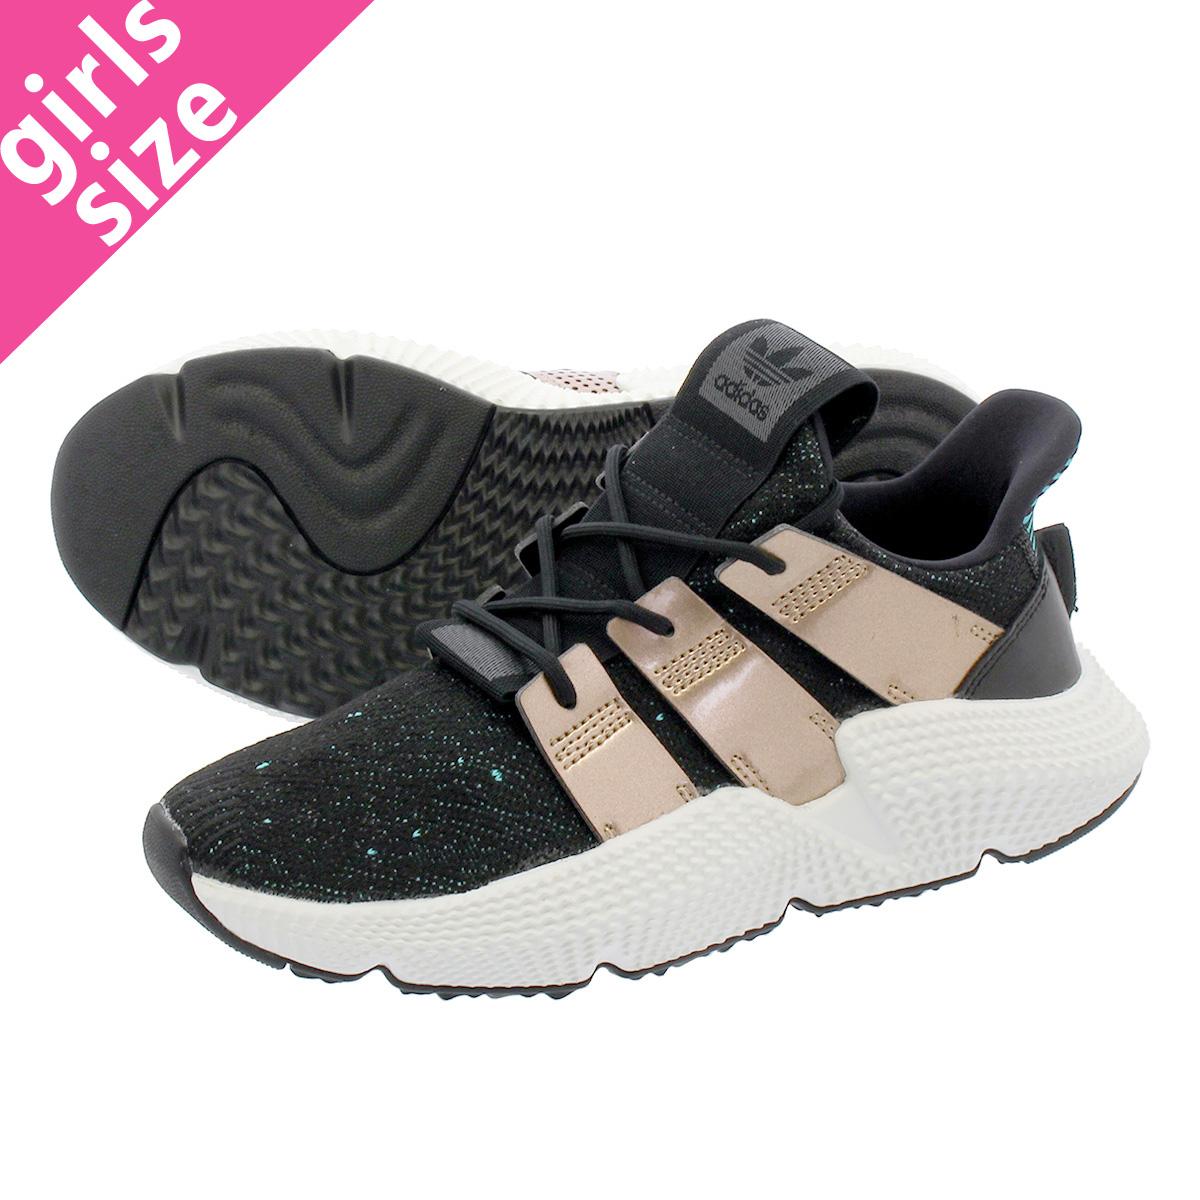 LOWTEX PLUS  adidas PROPHERE W Adidas pro Fear W CORE BLACK LIGHT COPPER  MET HI-RES AQUA  483844df2